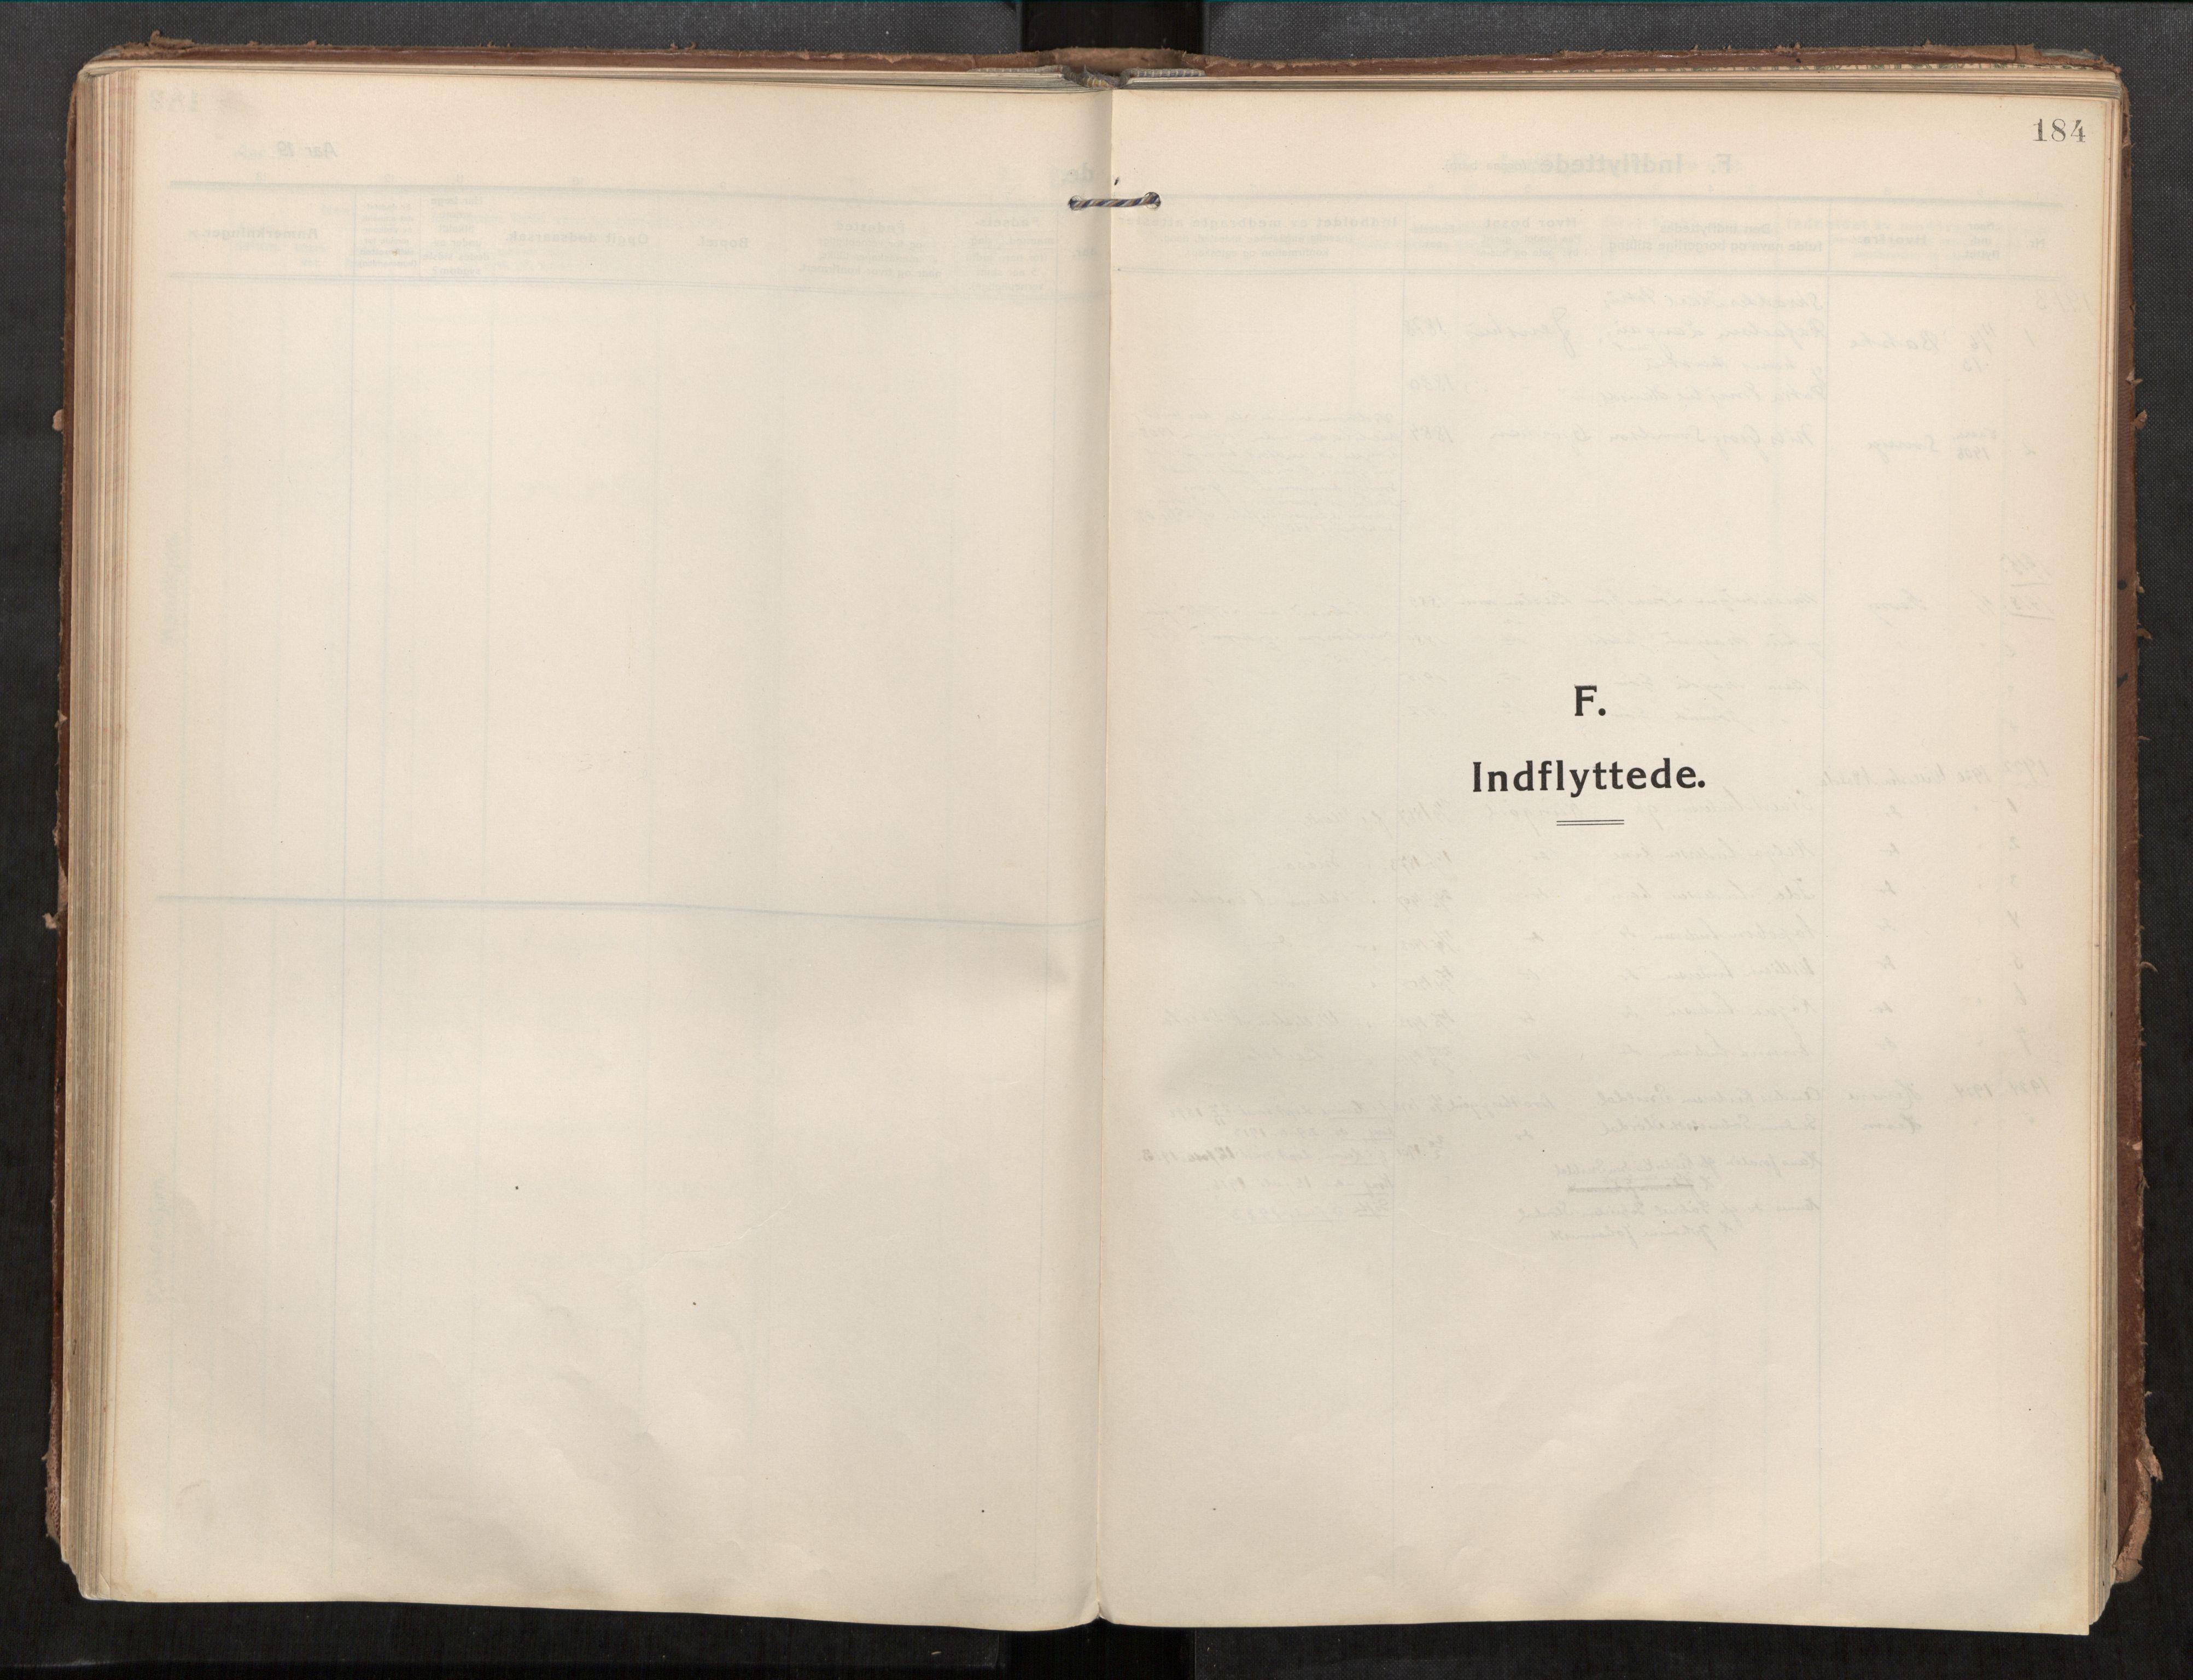 SAT, Beitstad sokneprestkontor, I/I1/I1a/L0001: Parish register (official) no. 1, 1912-1927, p. 184